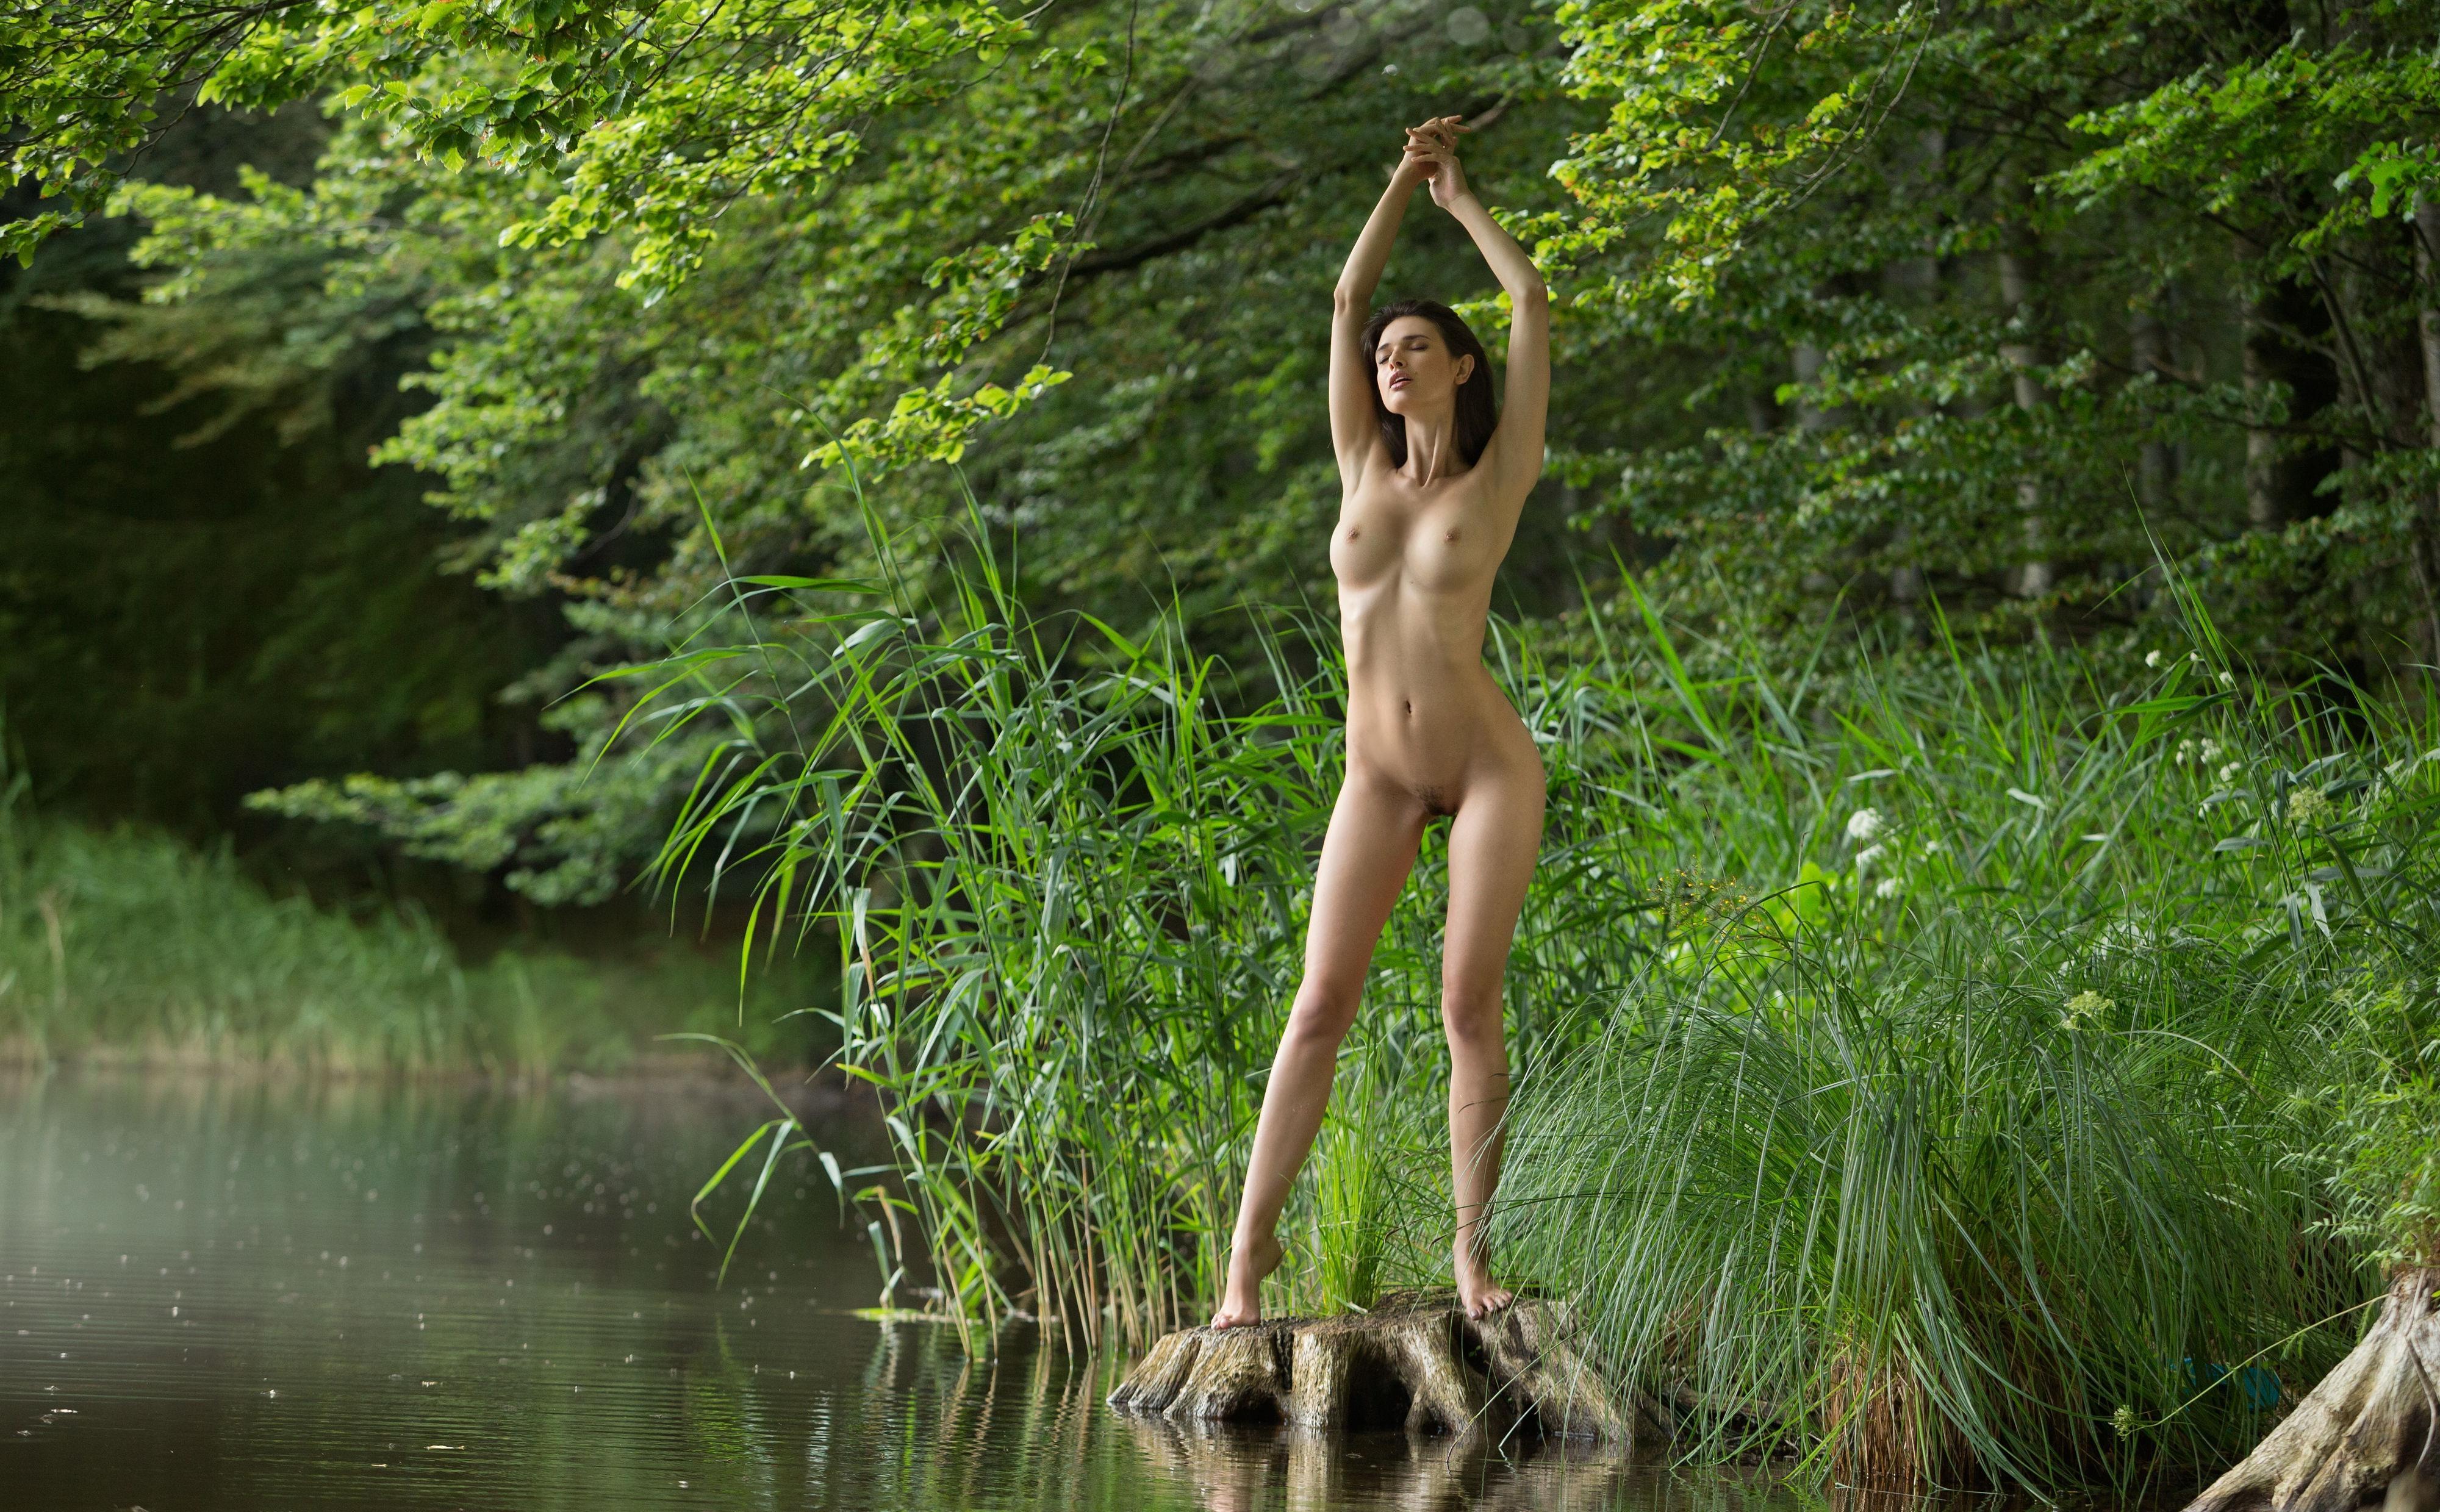 Обнаженные Девушки На Речке Фото